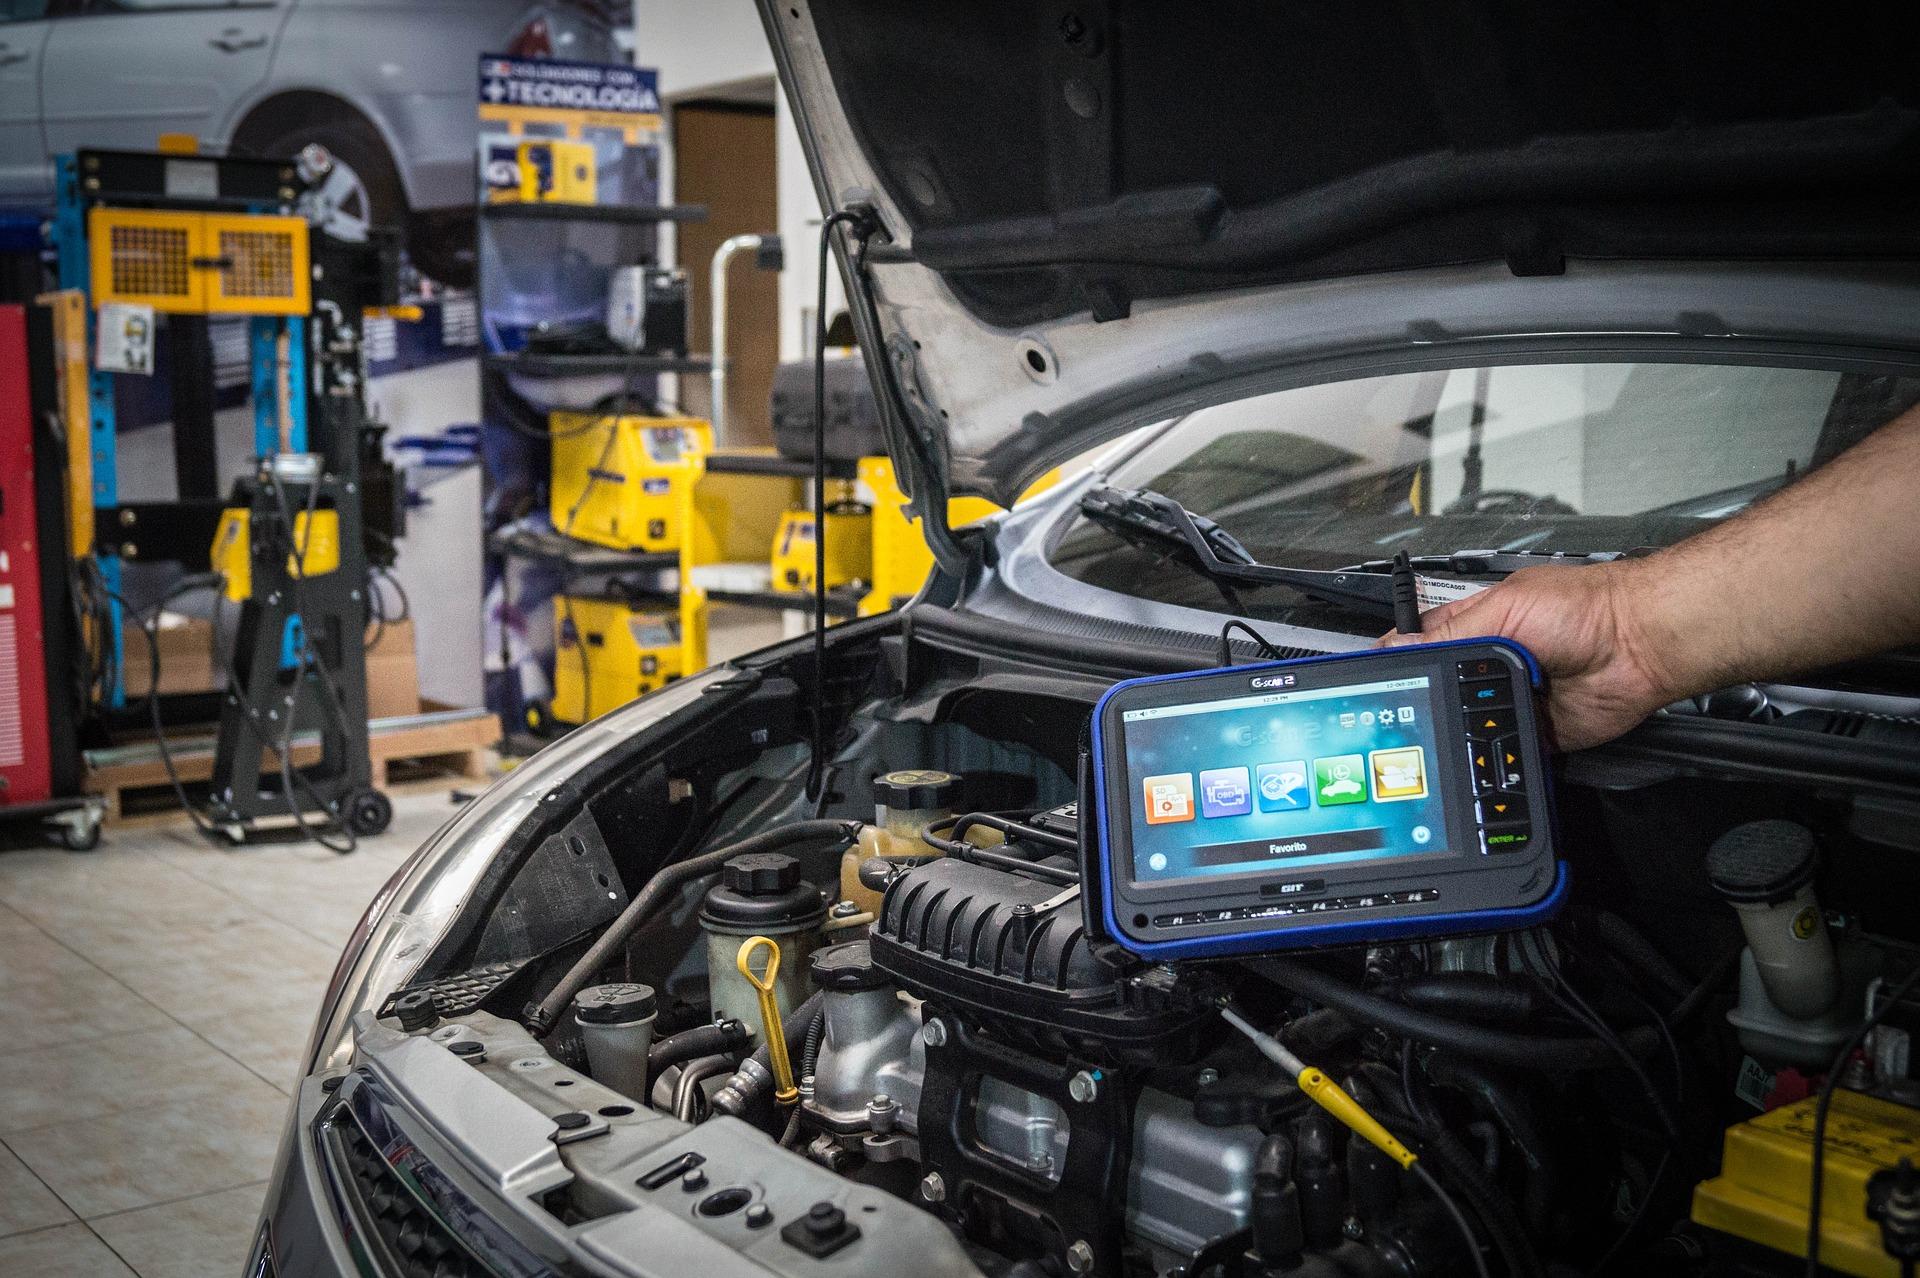 (UF1963) Prevención de riesgos y gestión medioambiental en las operaciones auxiliares de mantenimiento de equipos eléctricos y electrónicos